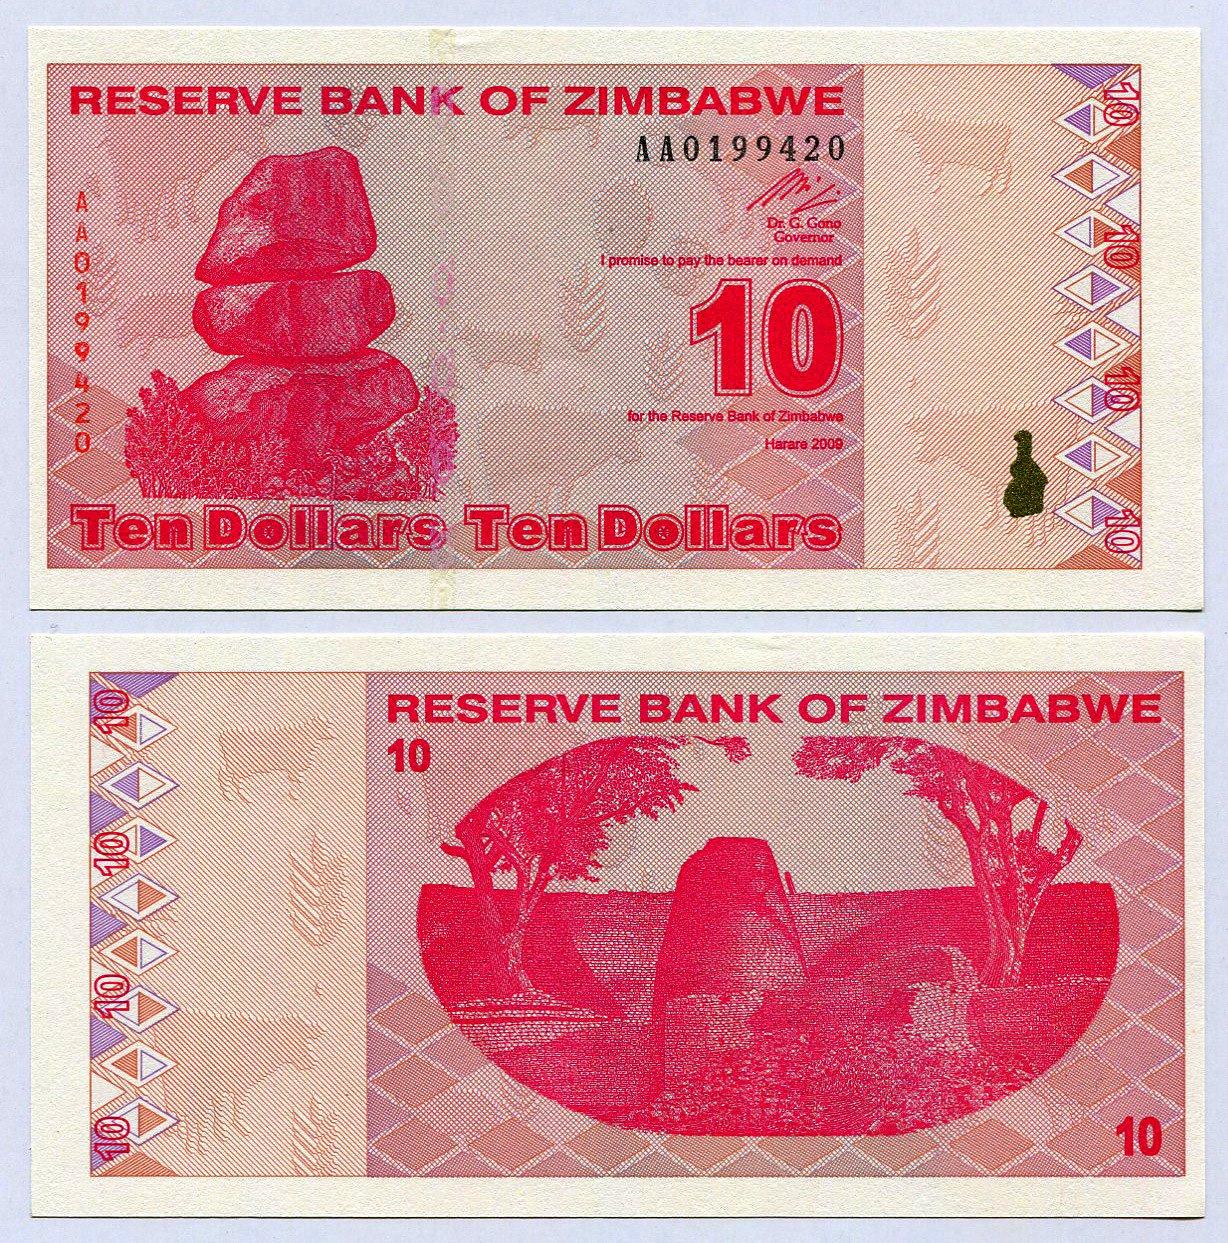 Zimbabwe 10Dólares 2009UNC, mundo inflación, moneda billetes de banco, P94 RBZ